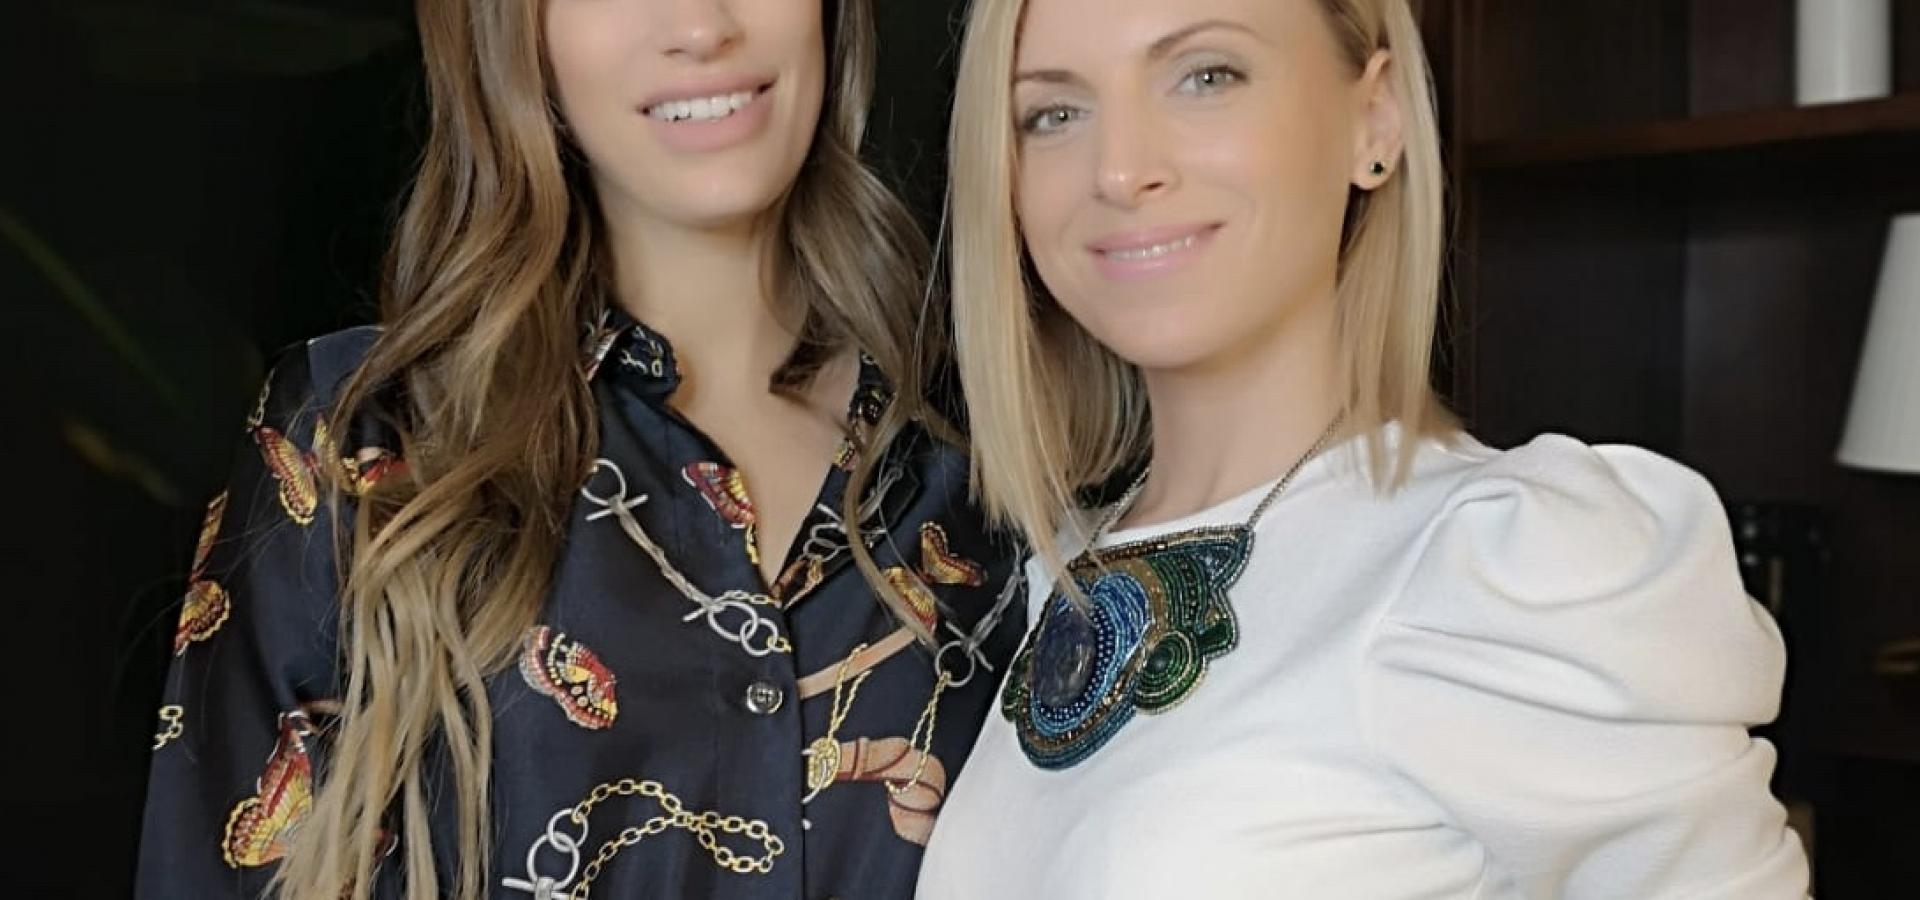 zdroj-FashionTV-skcz.